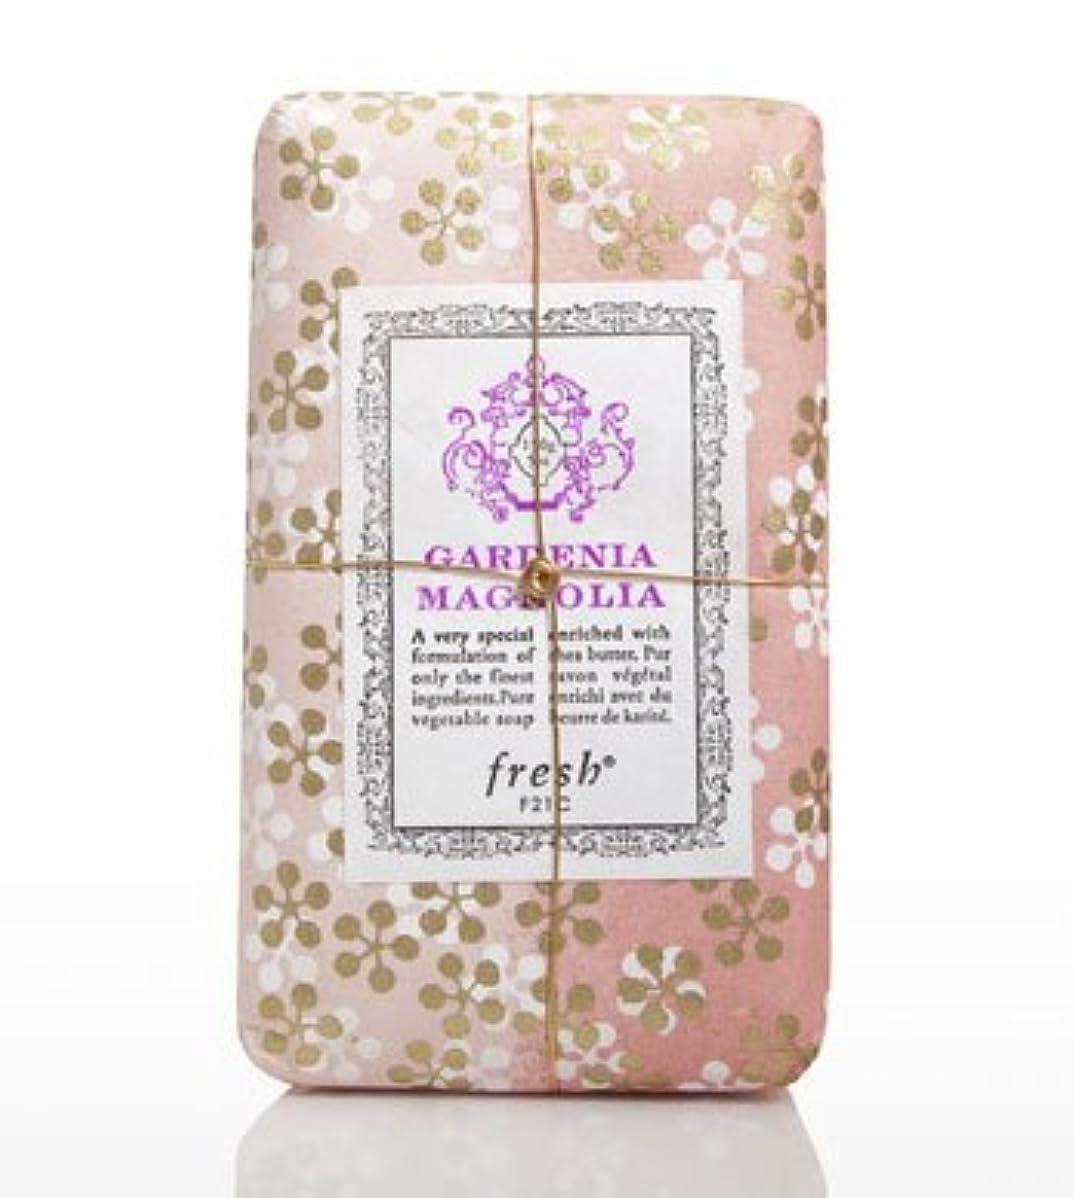 血平方説教Fresh GARDENIA MAGNOLIA SOAP(フレッシュ ガーデナマグノリア ソープ) 5.0 oz (150gl) 石鹸 by Fresh